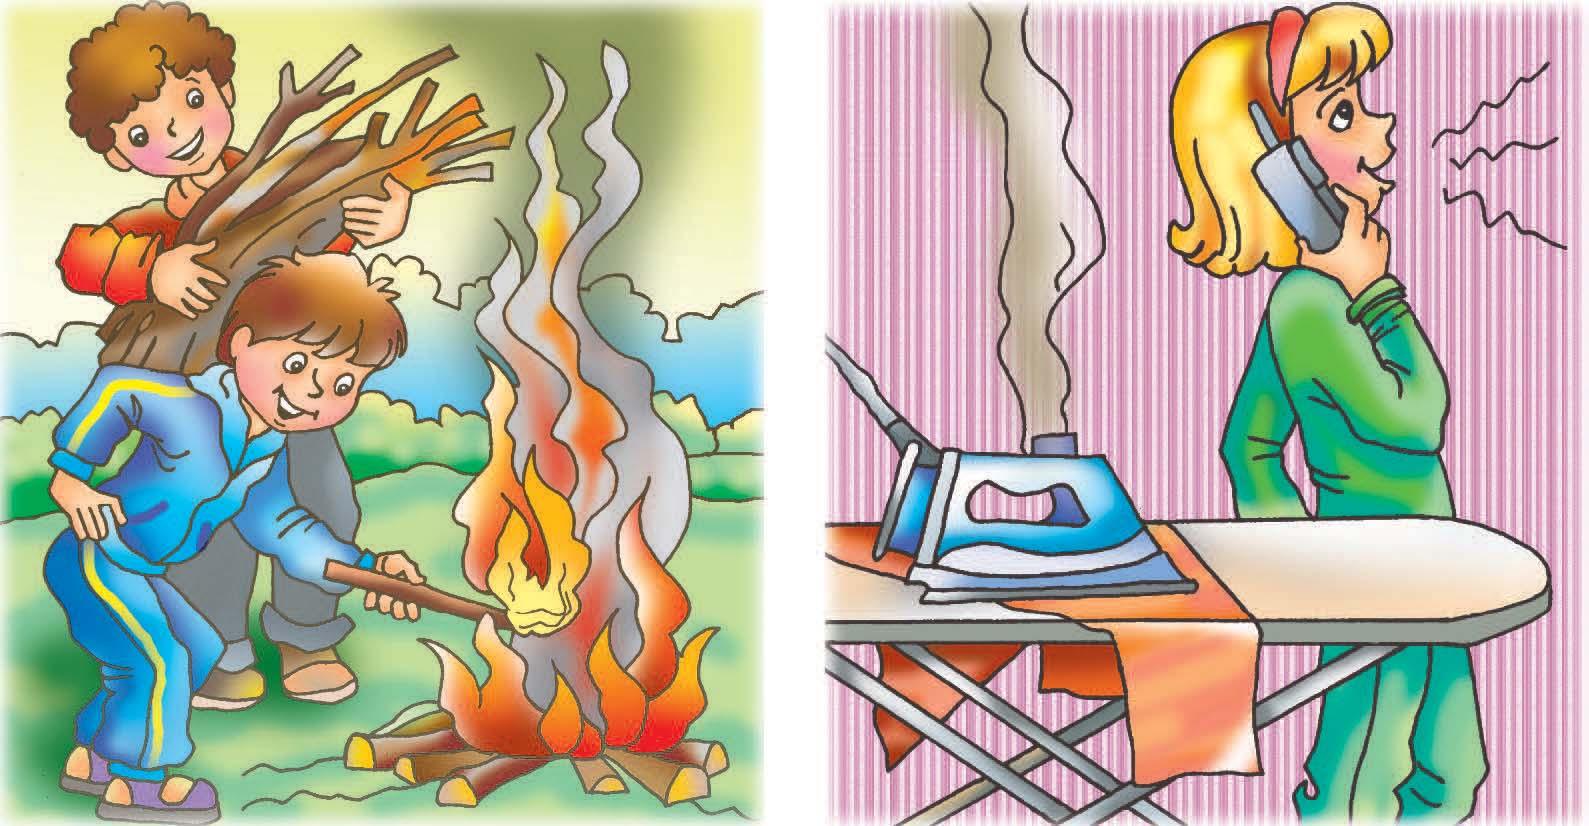 яркого картинки на тему следите за огнем тут